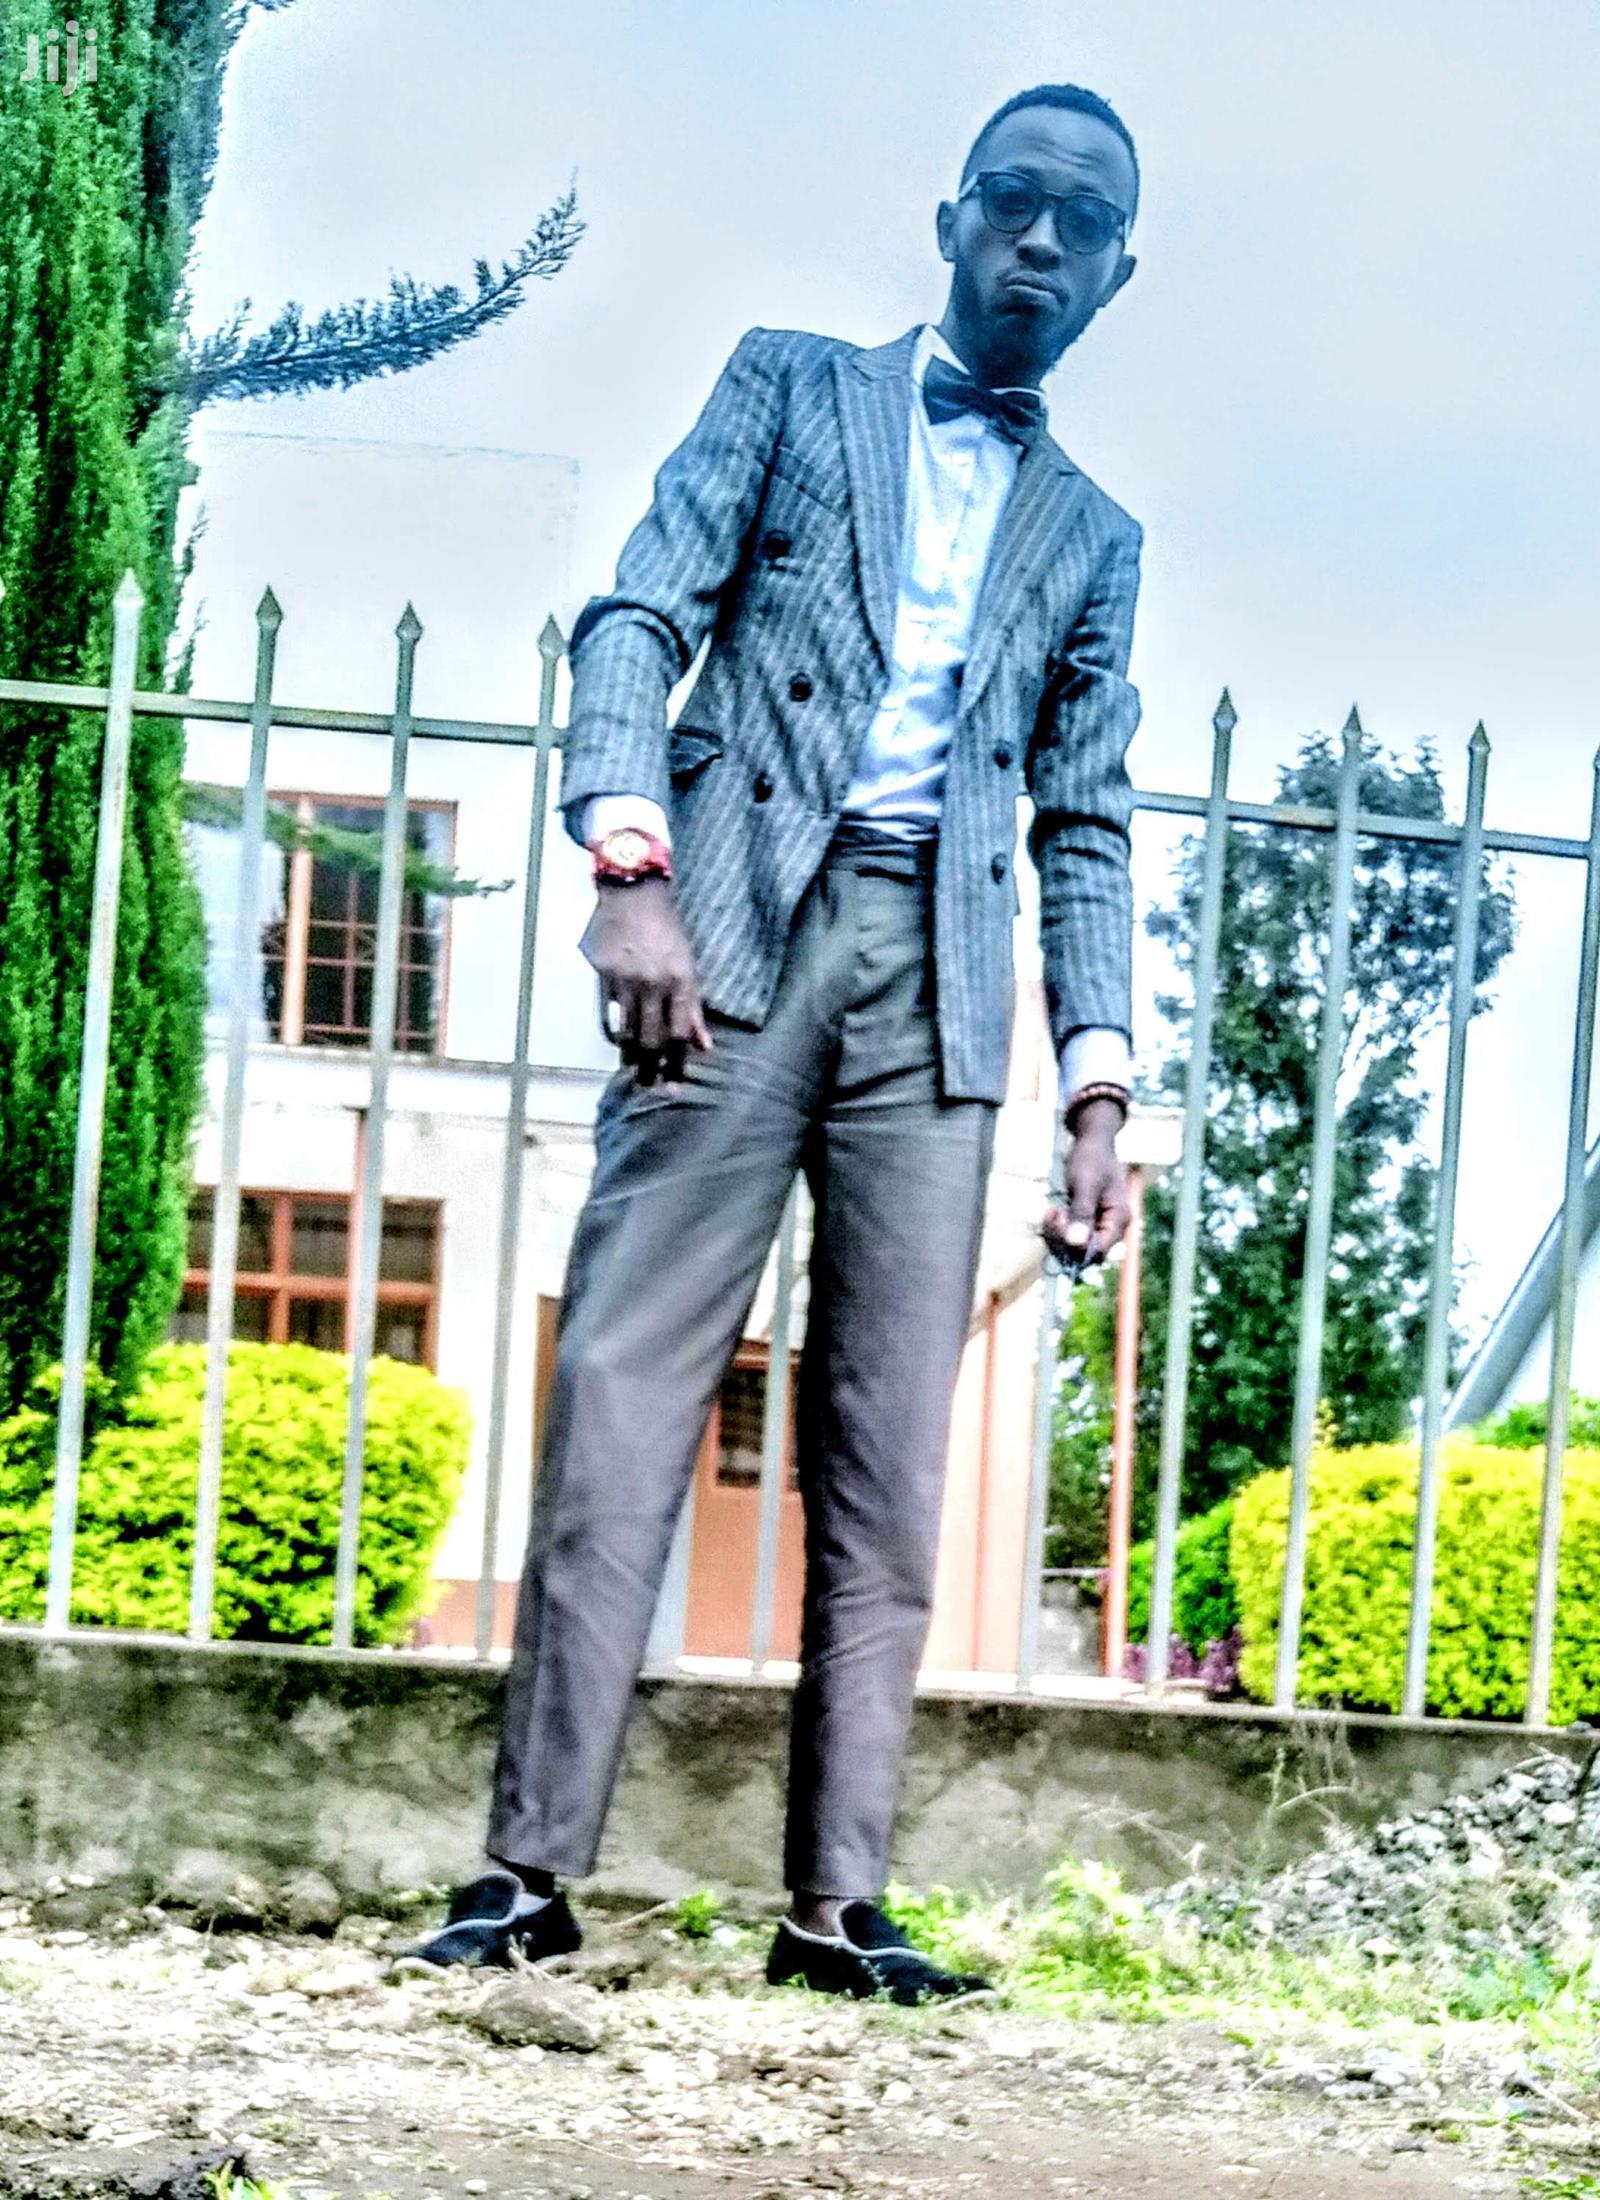 Personal Driver | Driver CVs for sale in Utawala, Nairobi, Kenya